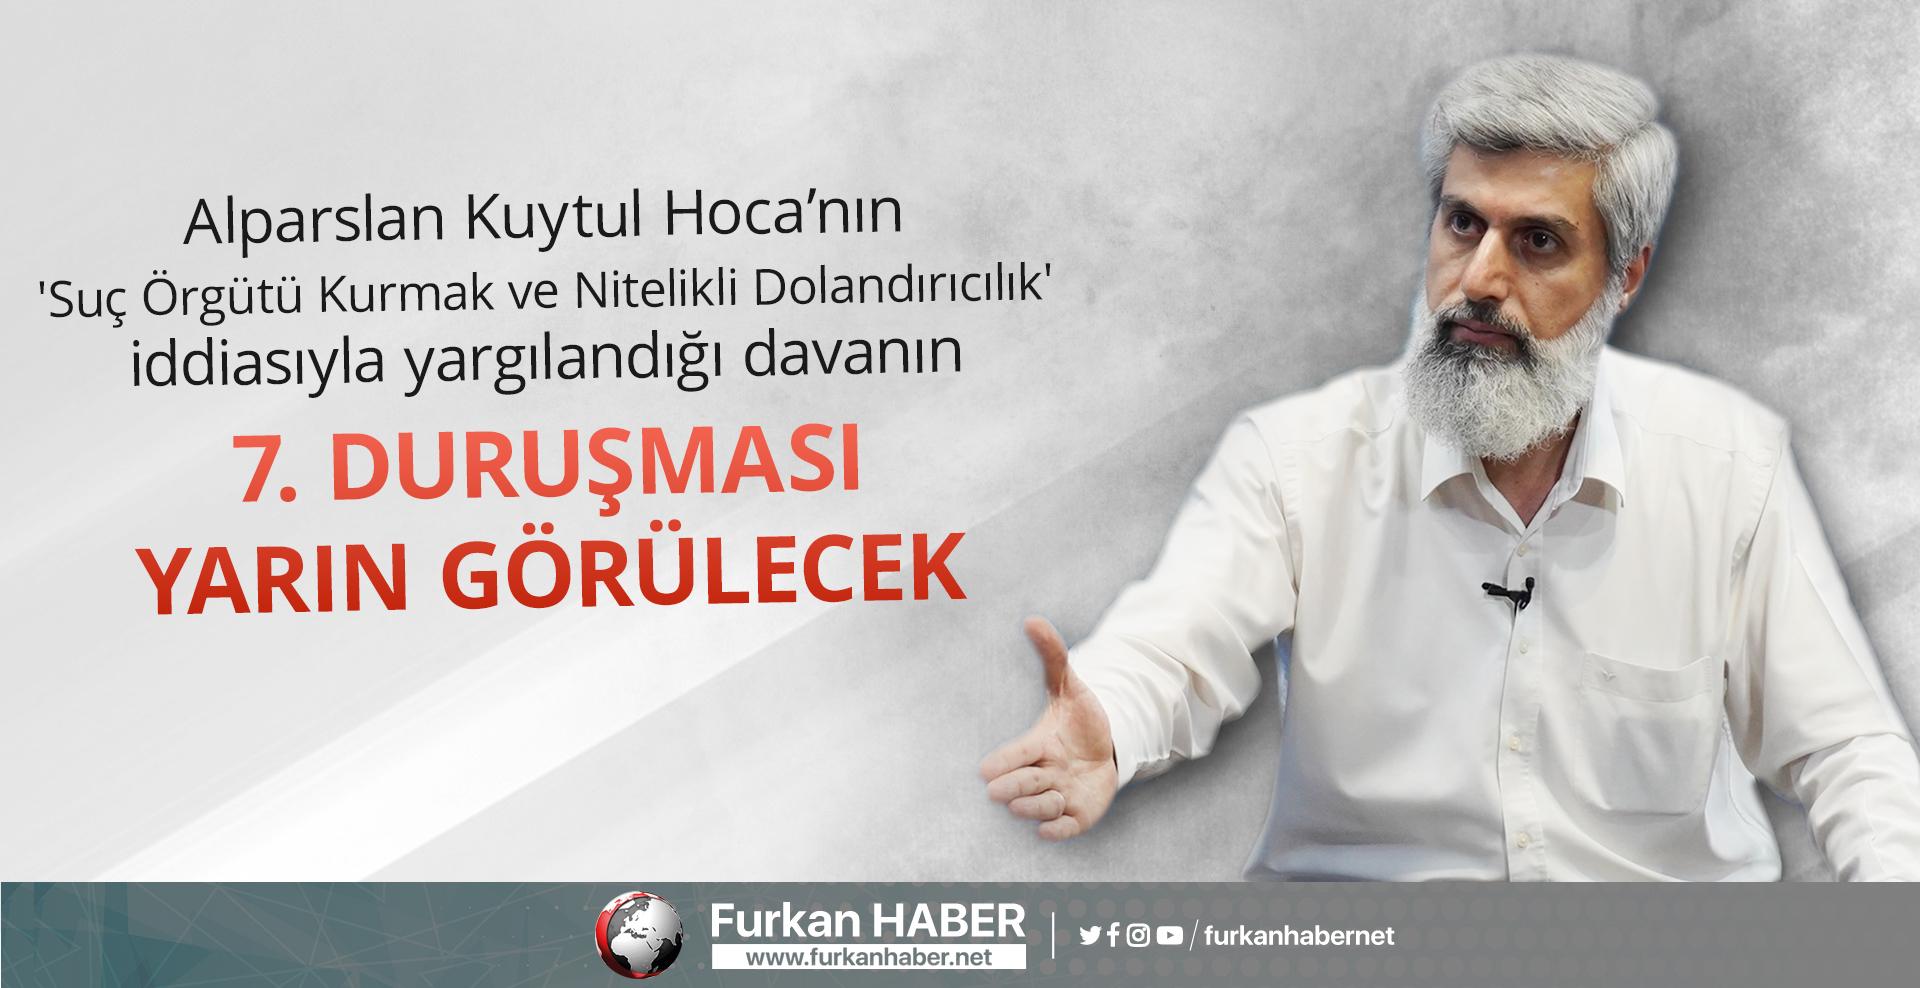 Alparslan Kuytul Hoca'nın Yarın Mahkemesi Var